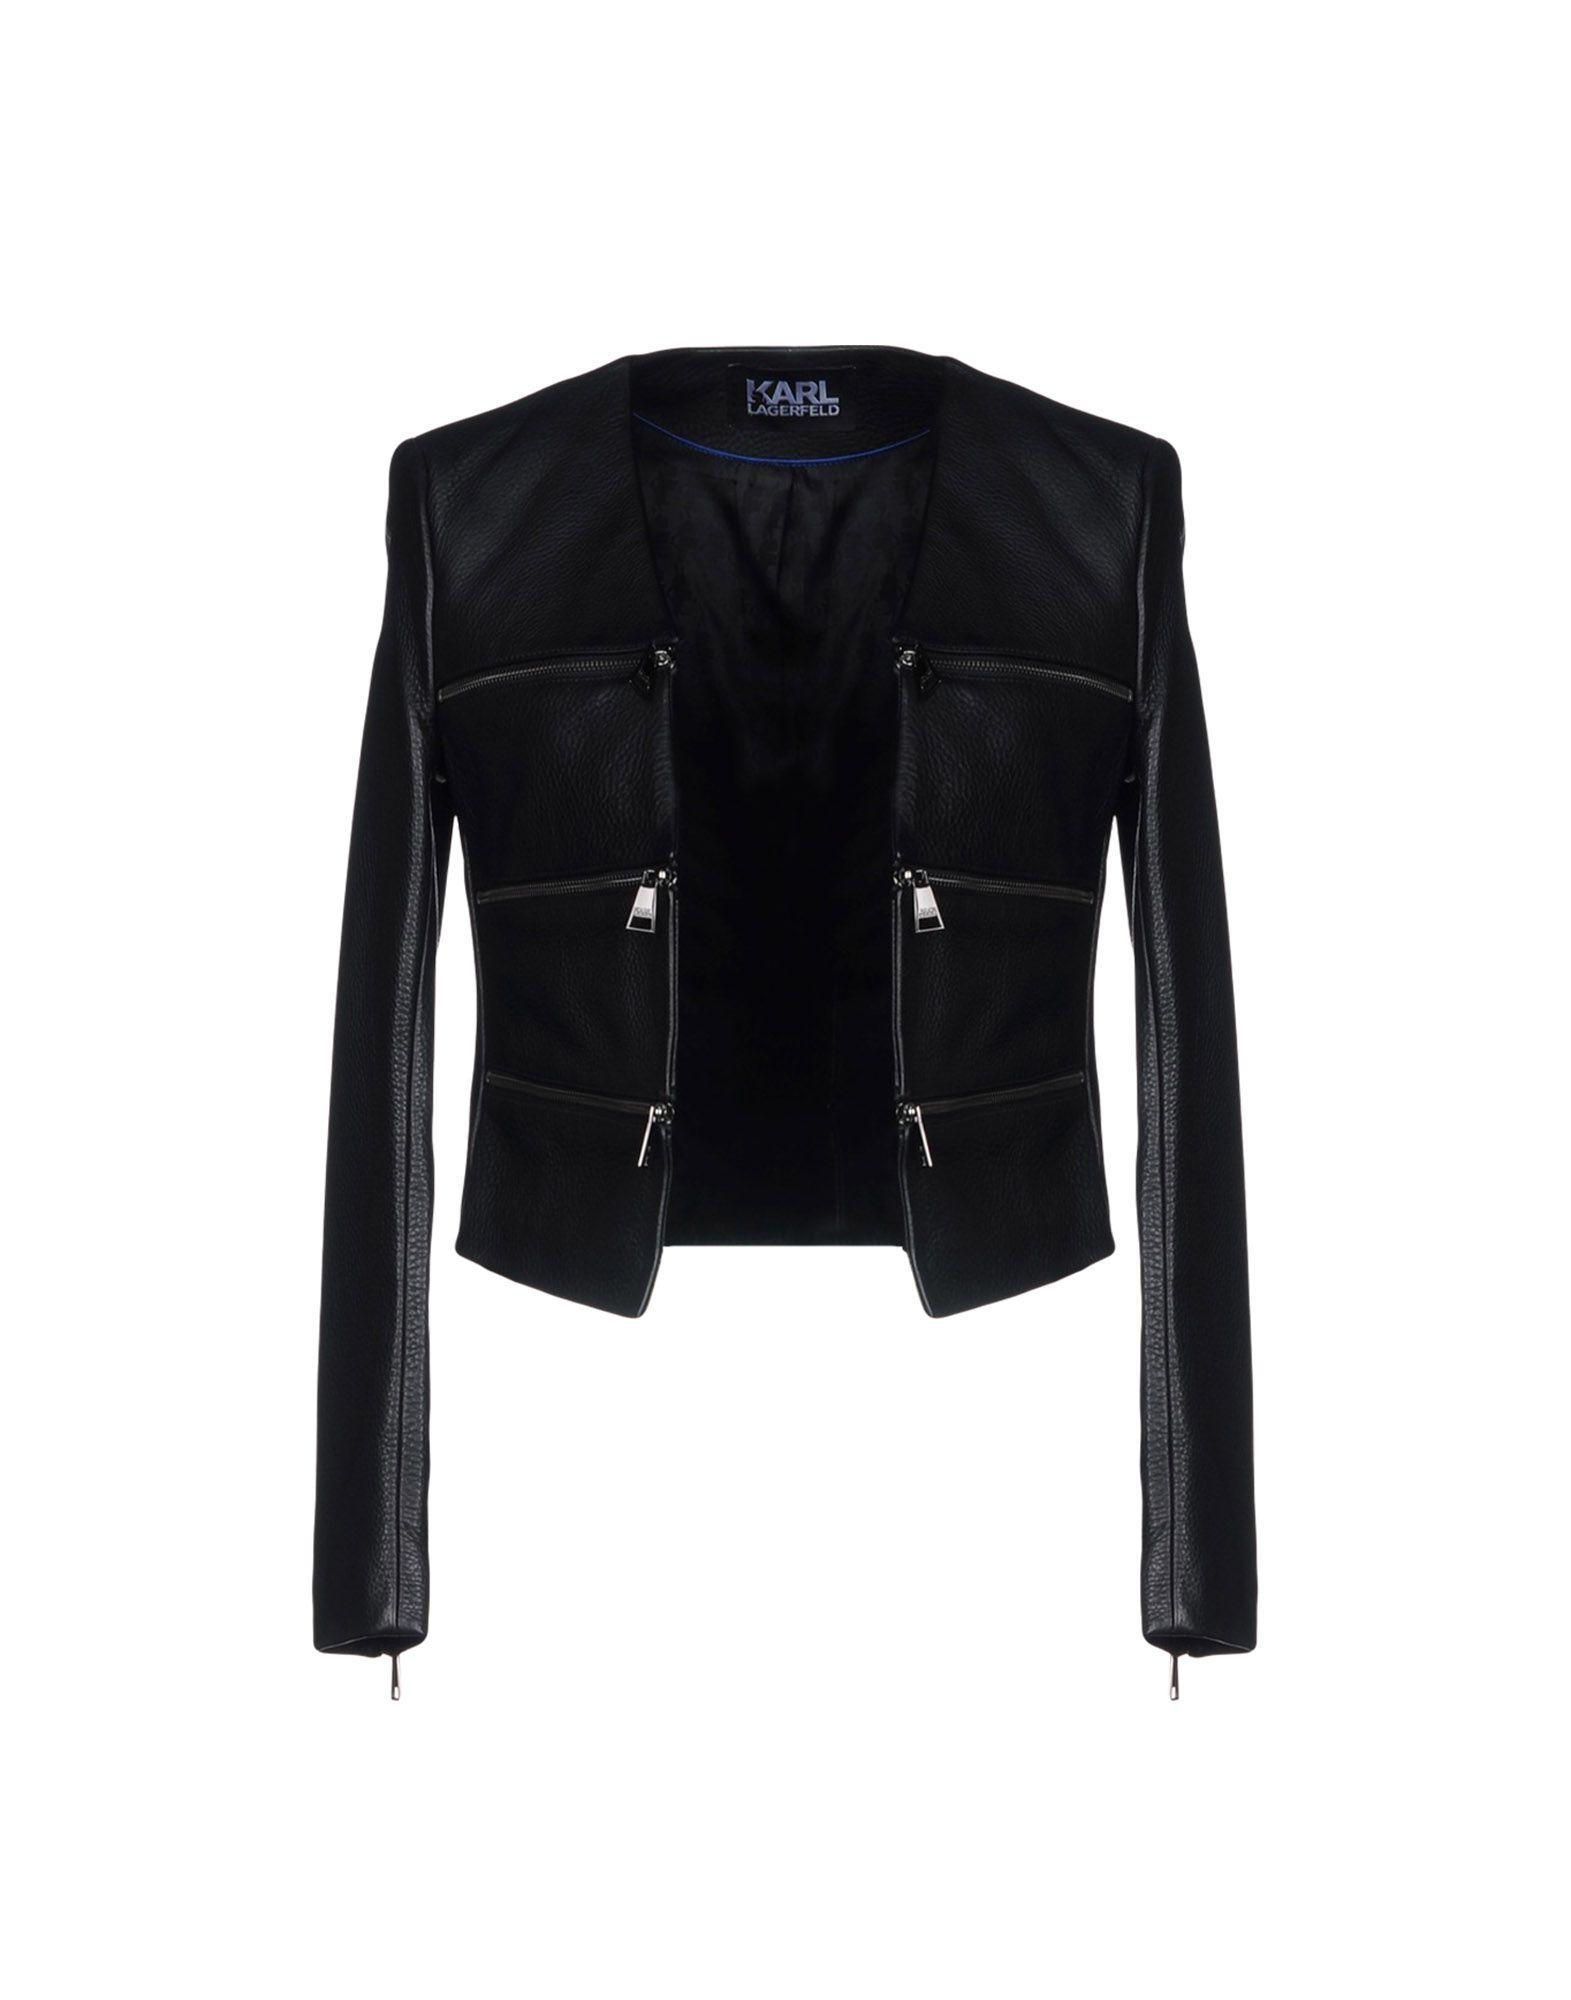 Karl Lagerfeld Jackets In Black